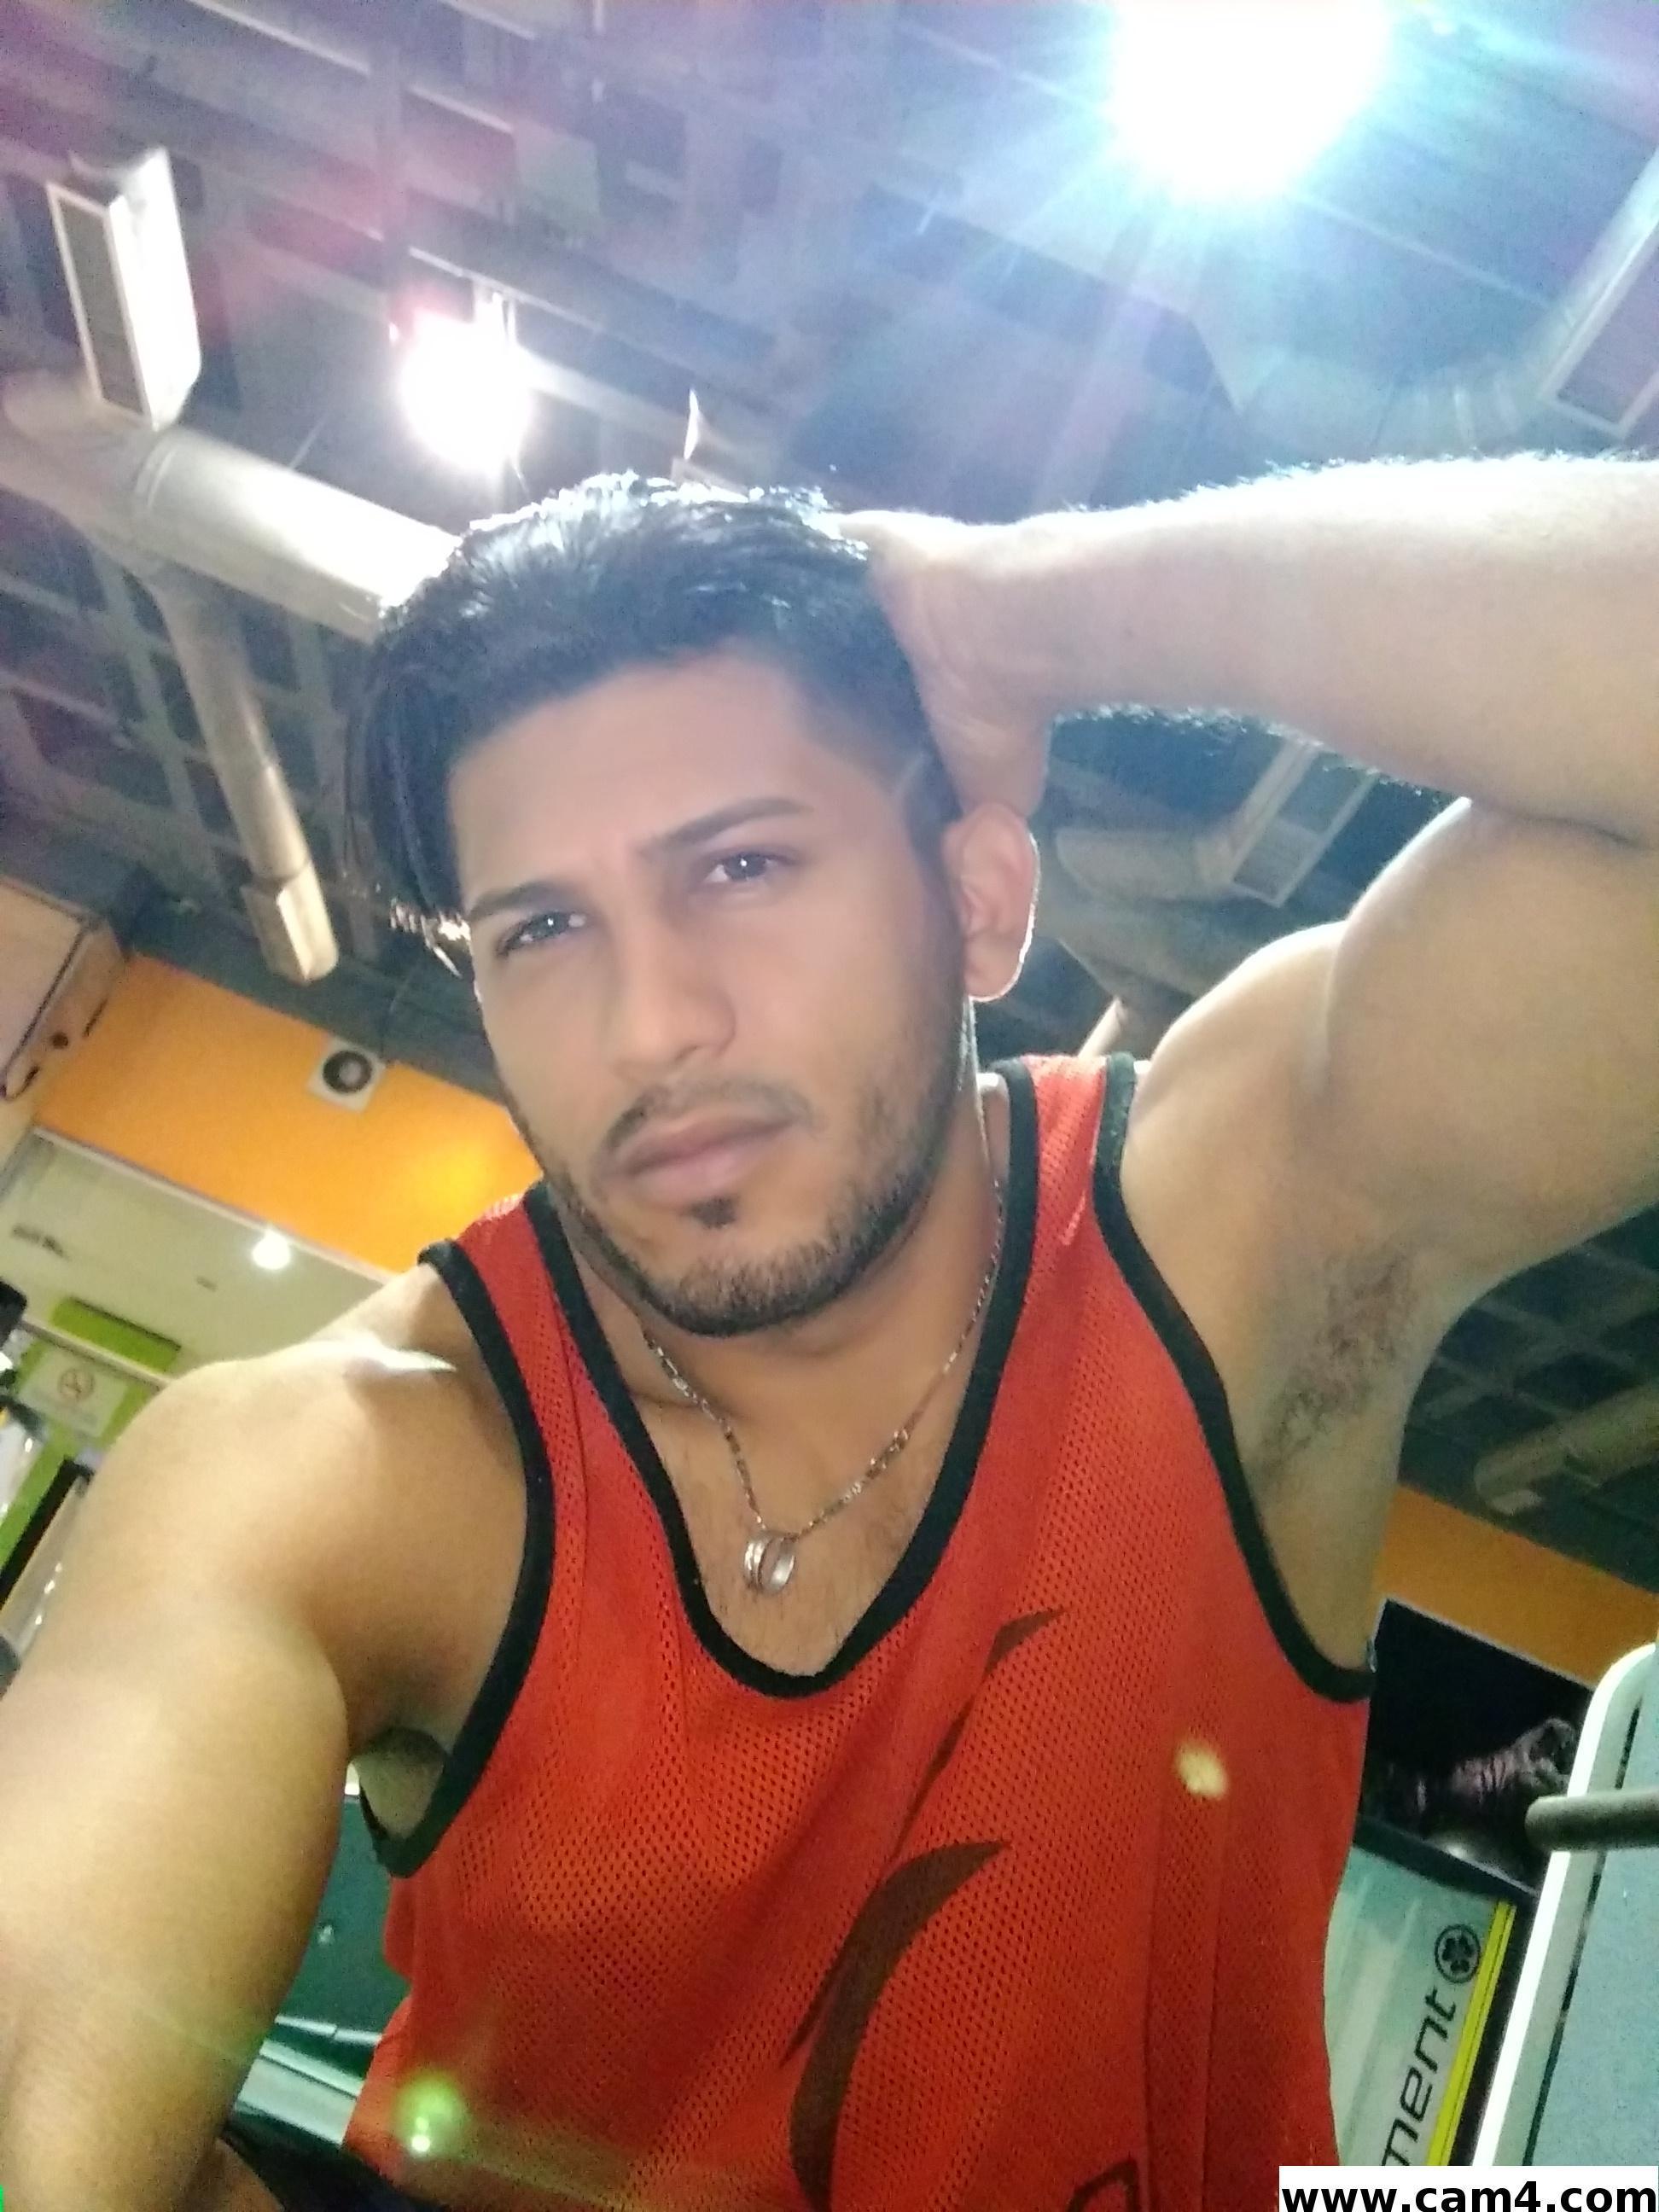 Ricardo0286?s=qxc+8mus0hh3ohc23igg7vy8qxwqp4oyhzmt74di3j4=